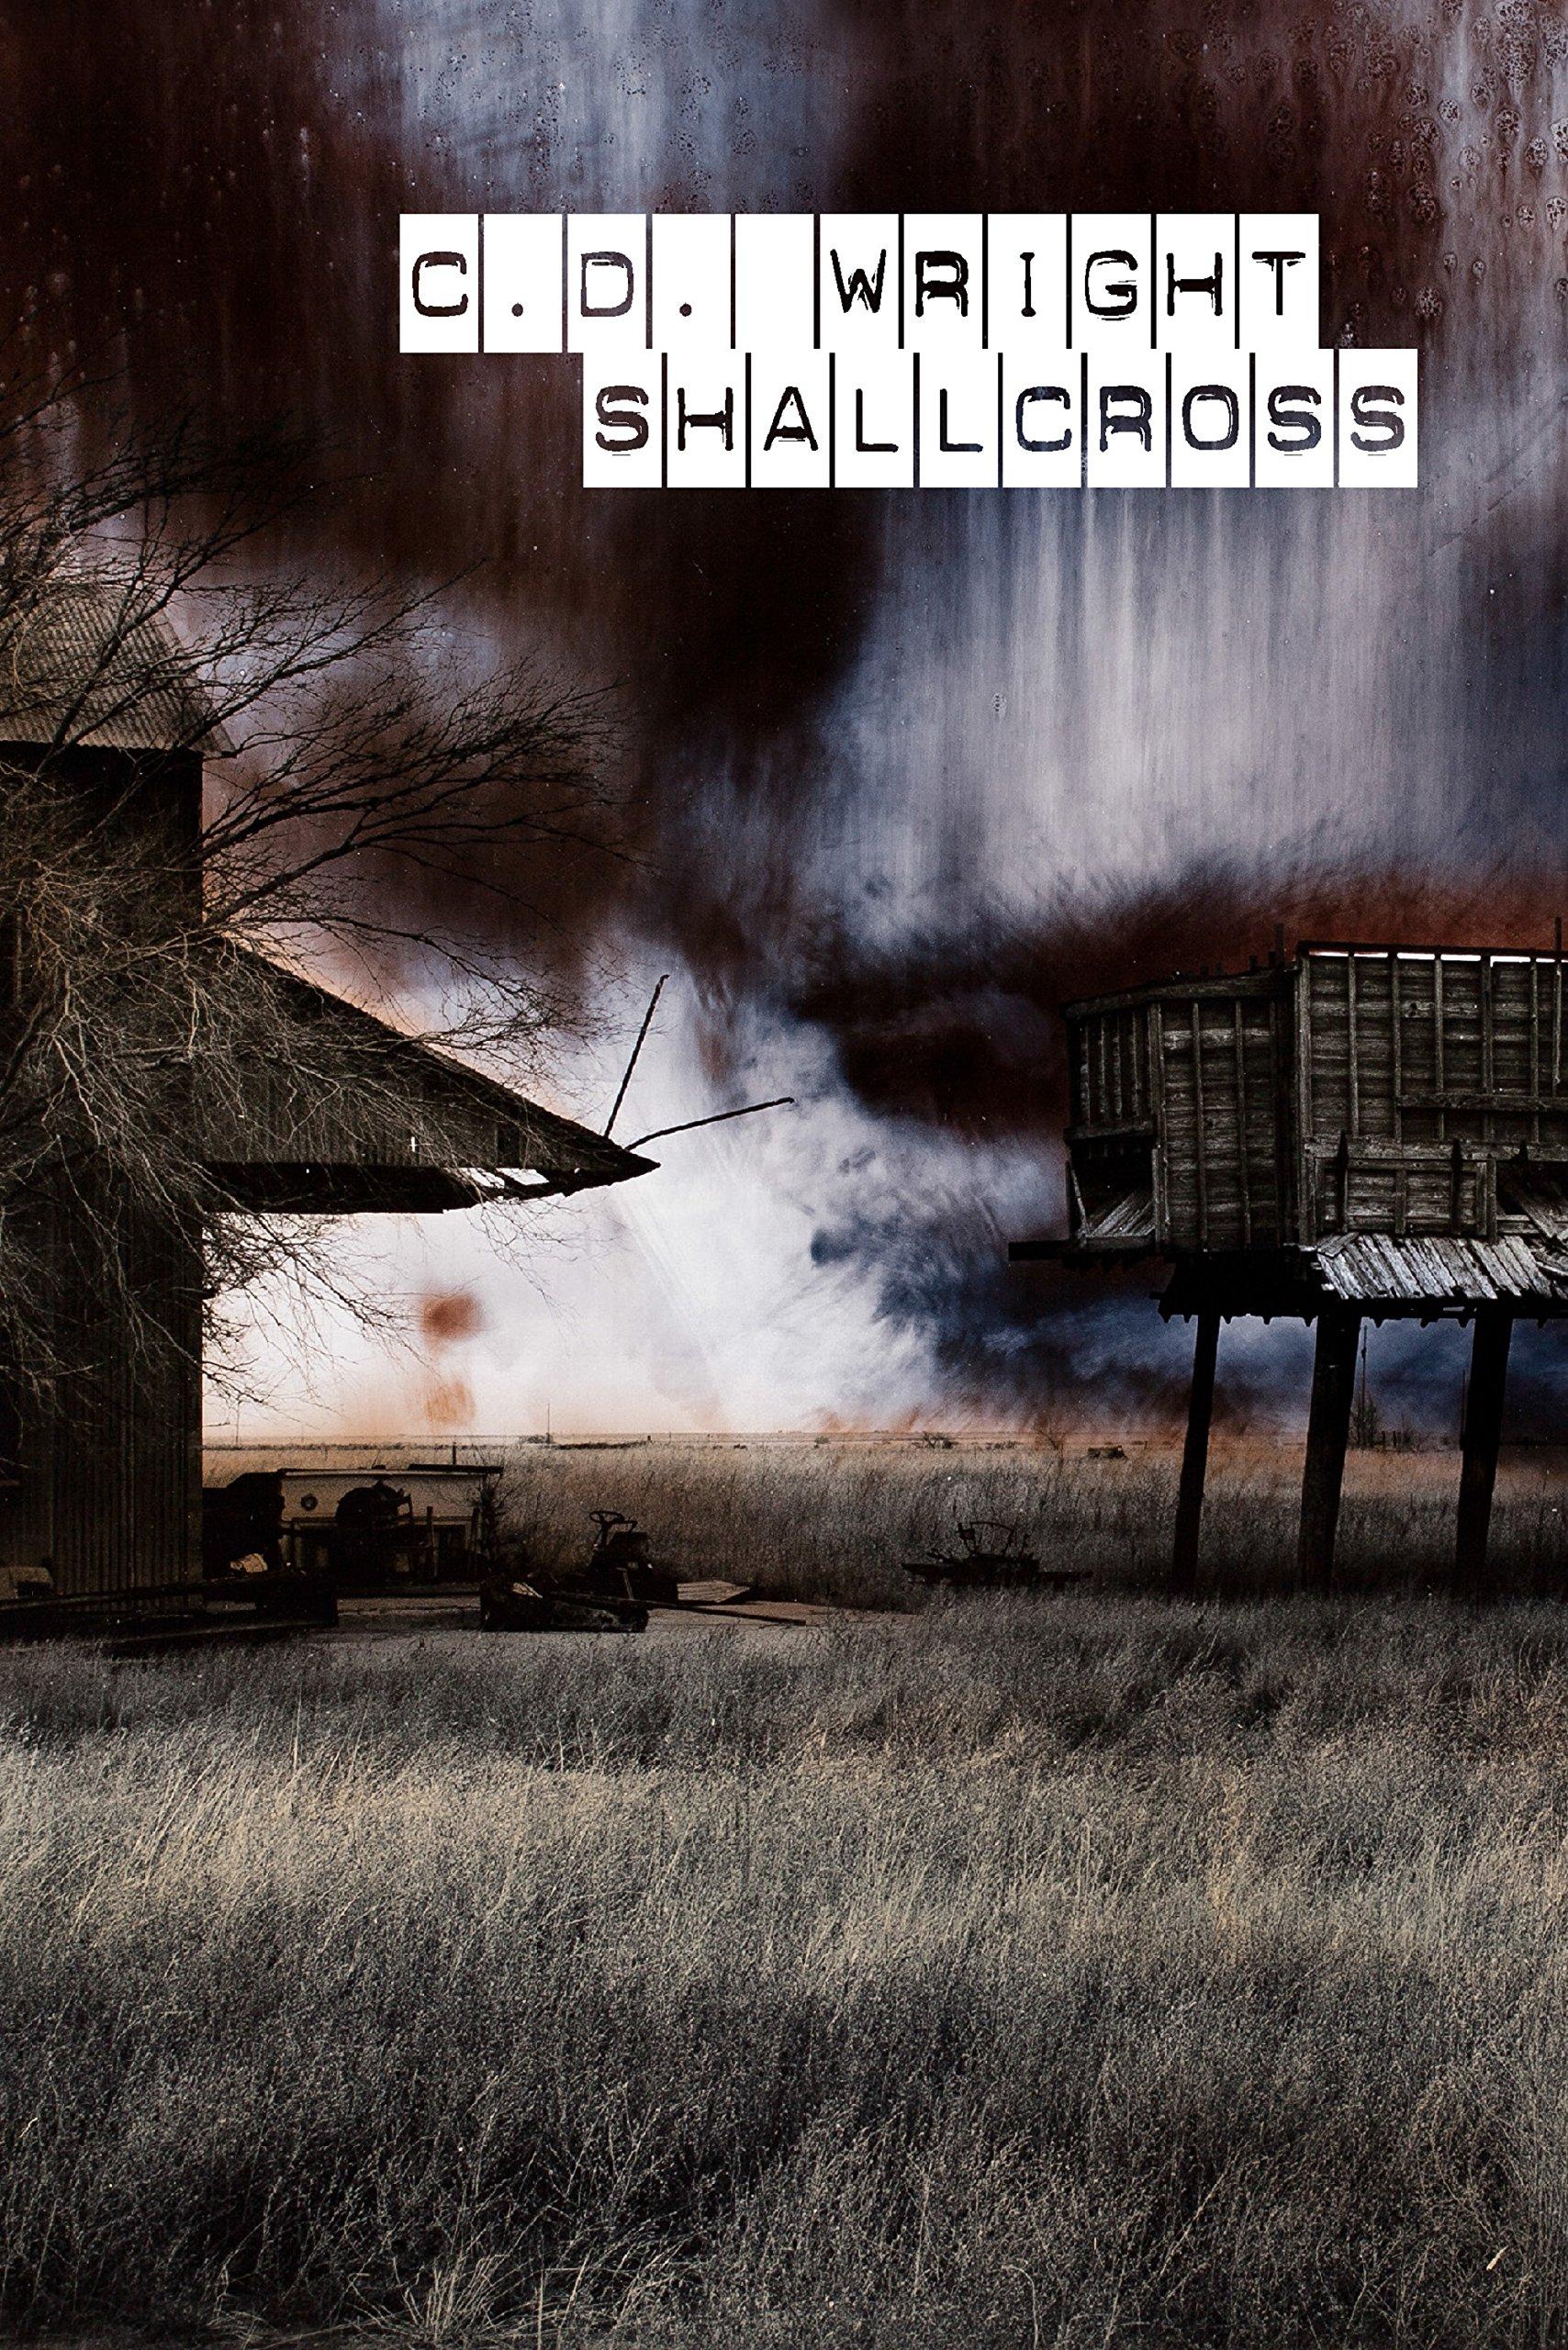 """C.D. Wright's """"SHALLCROSS"""""""